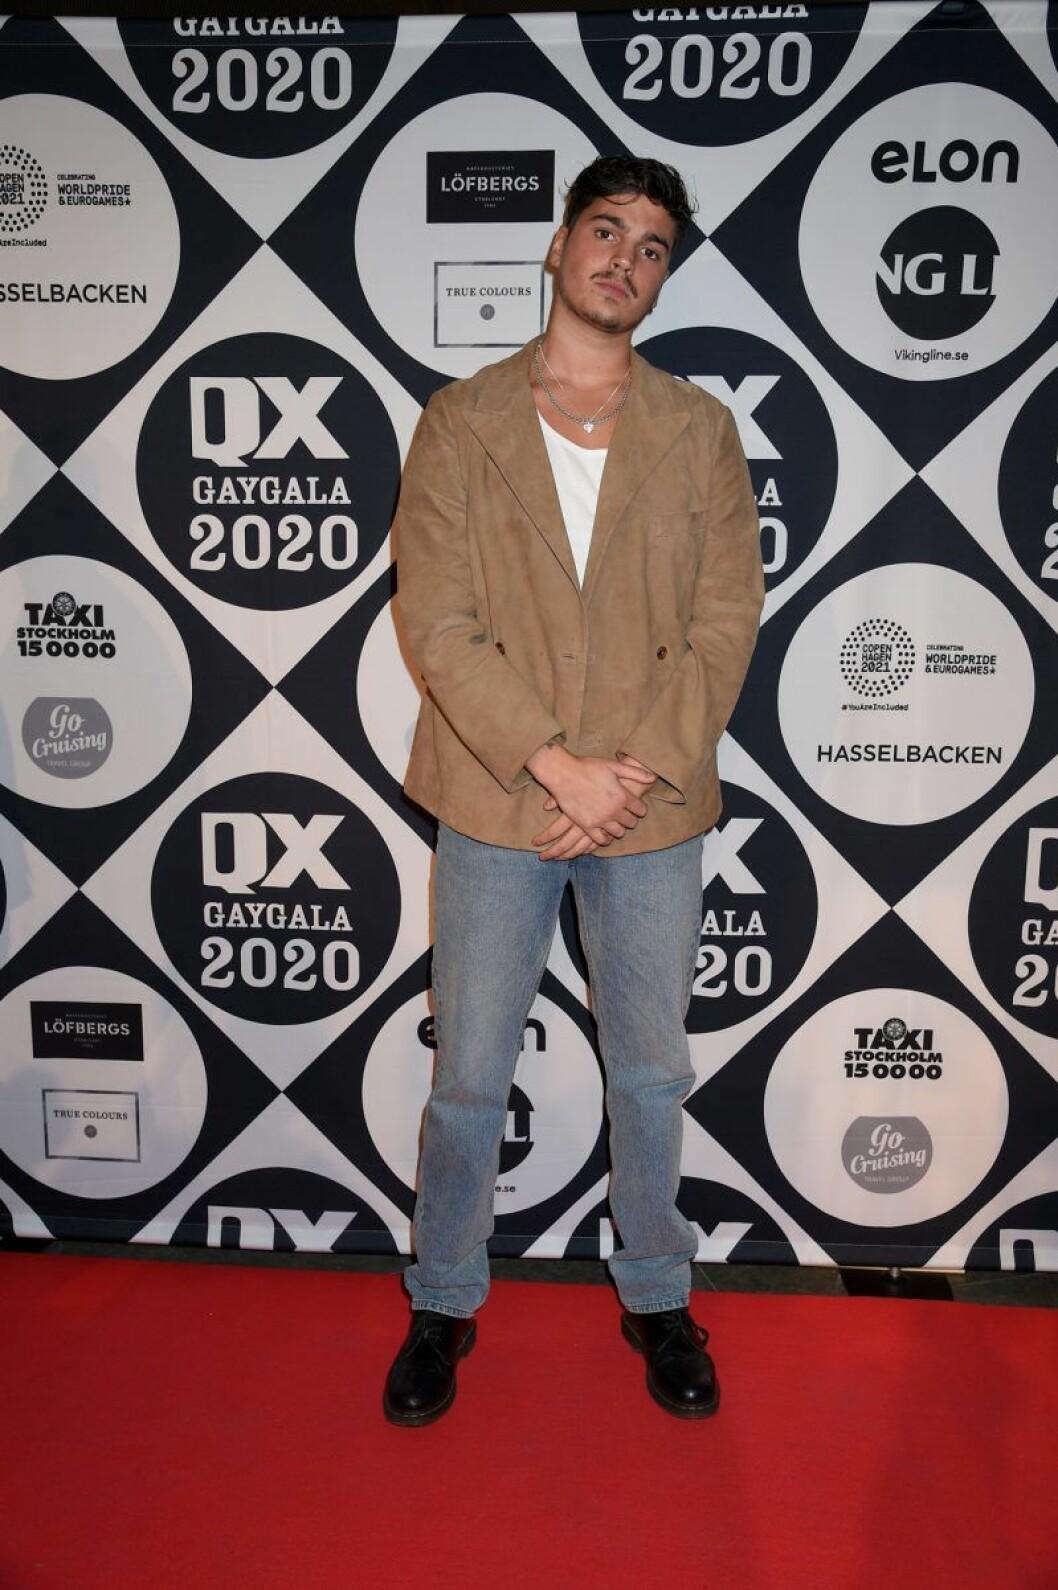 Oscar Zia på röda mattan på QX-galan 2020